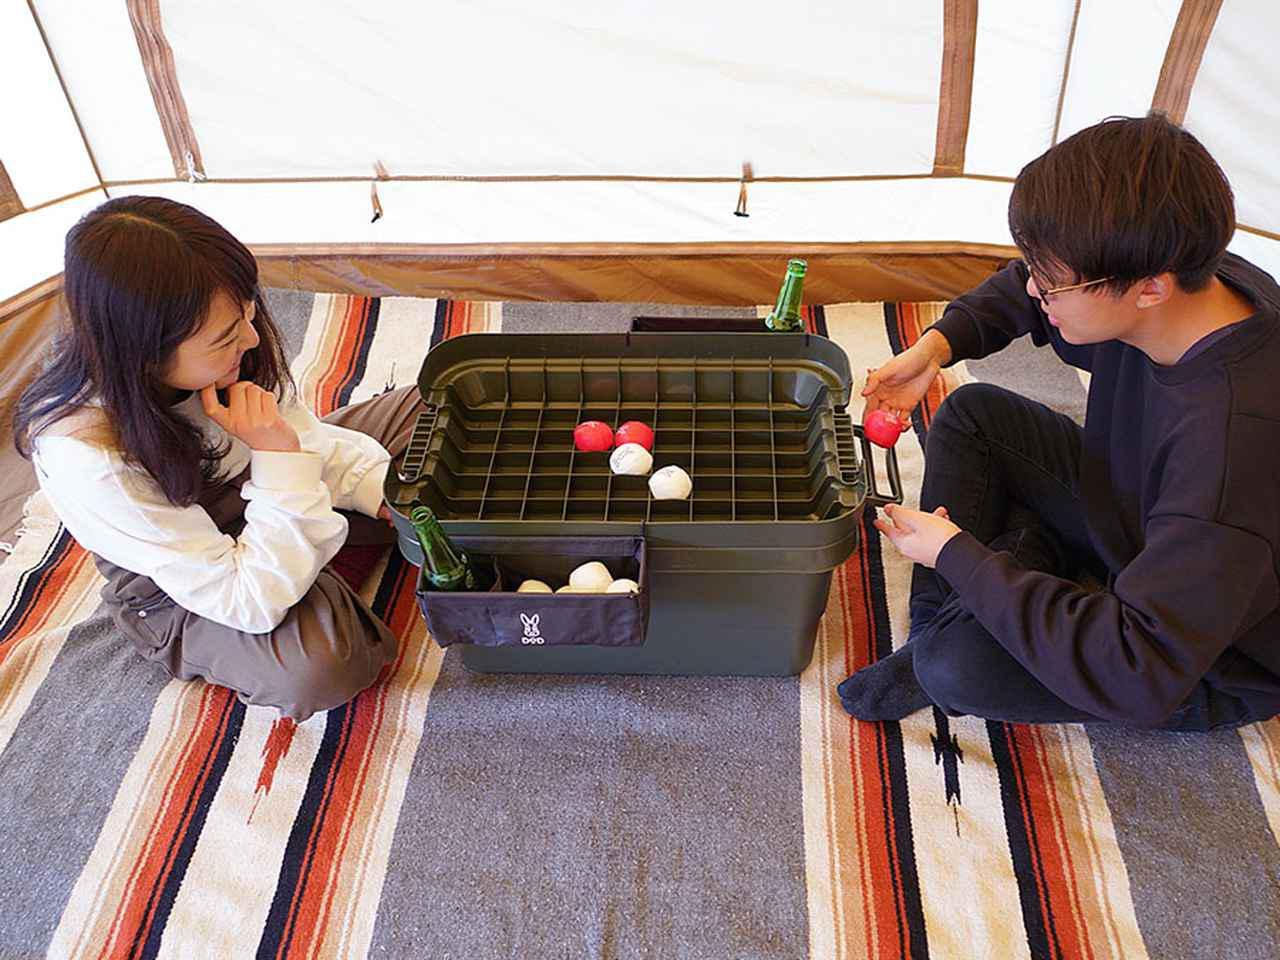 画像: 「ヤーツ」。フタ裏のマス目にボールをシュートして得点を競うDODオリジナルのゲーム! 子どもも大人も一緒に遊べる。赤白のヤーツボール、ホルダー、司令カードがセット。2750円